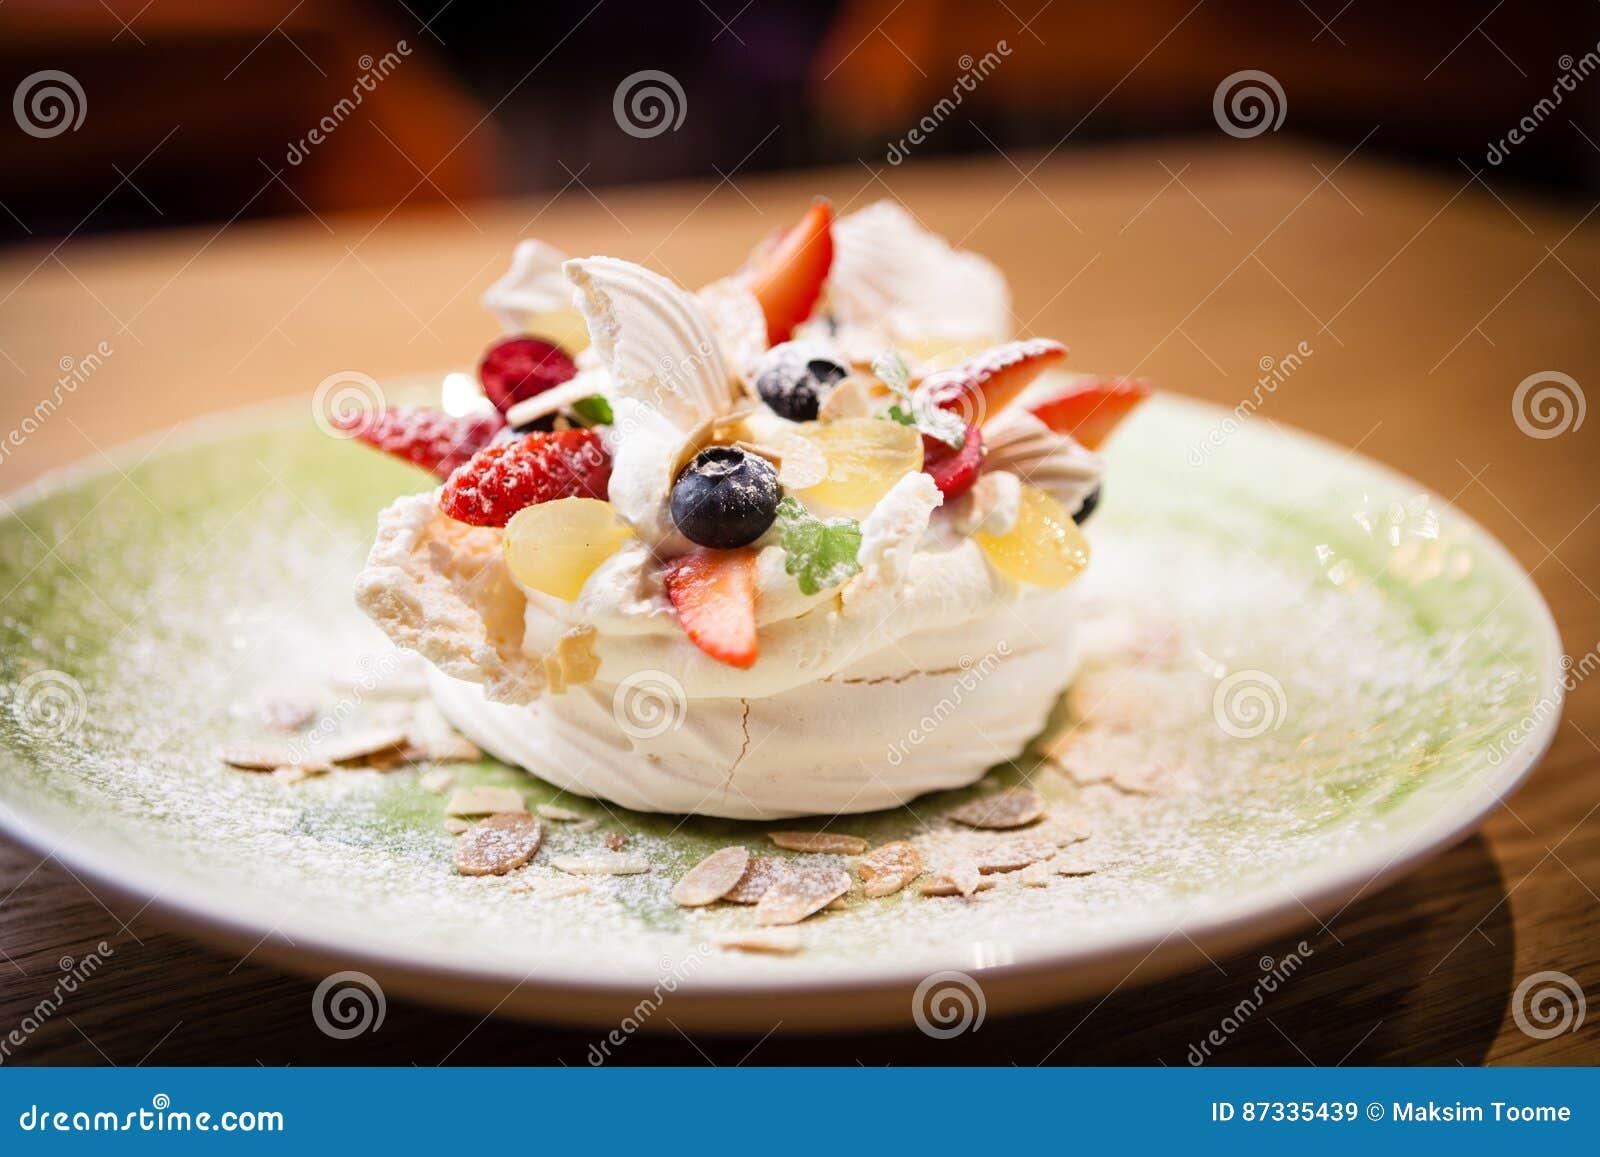 Pavlova, una casa ha fatto il dolce dagli strati di meringa